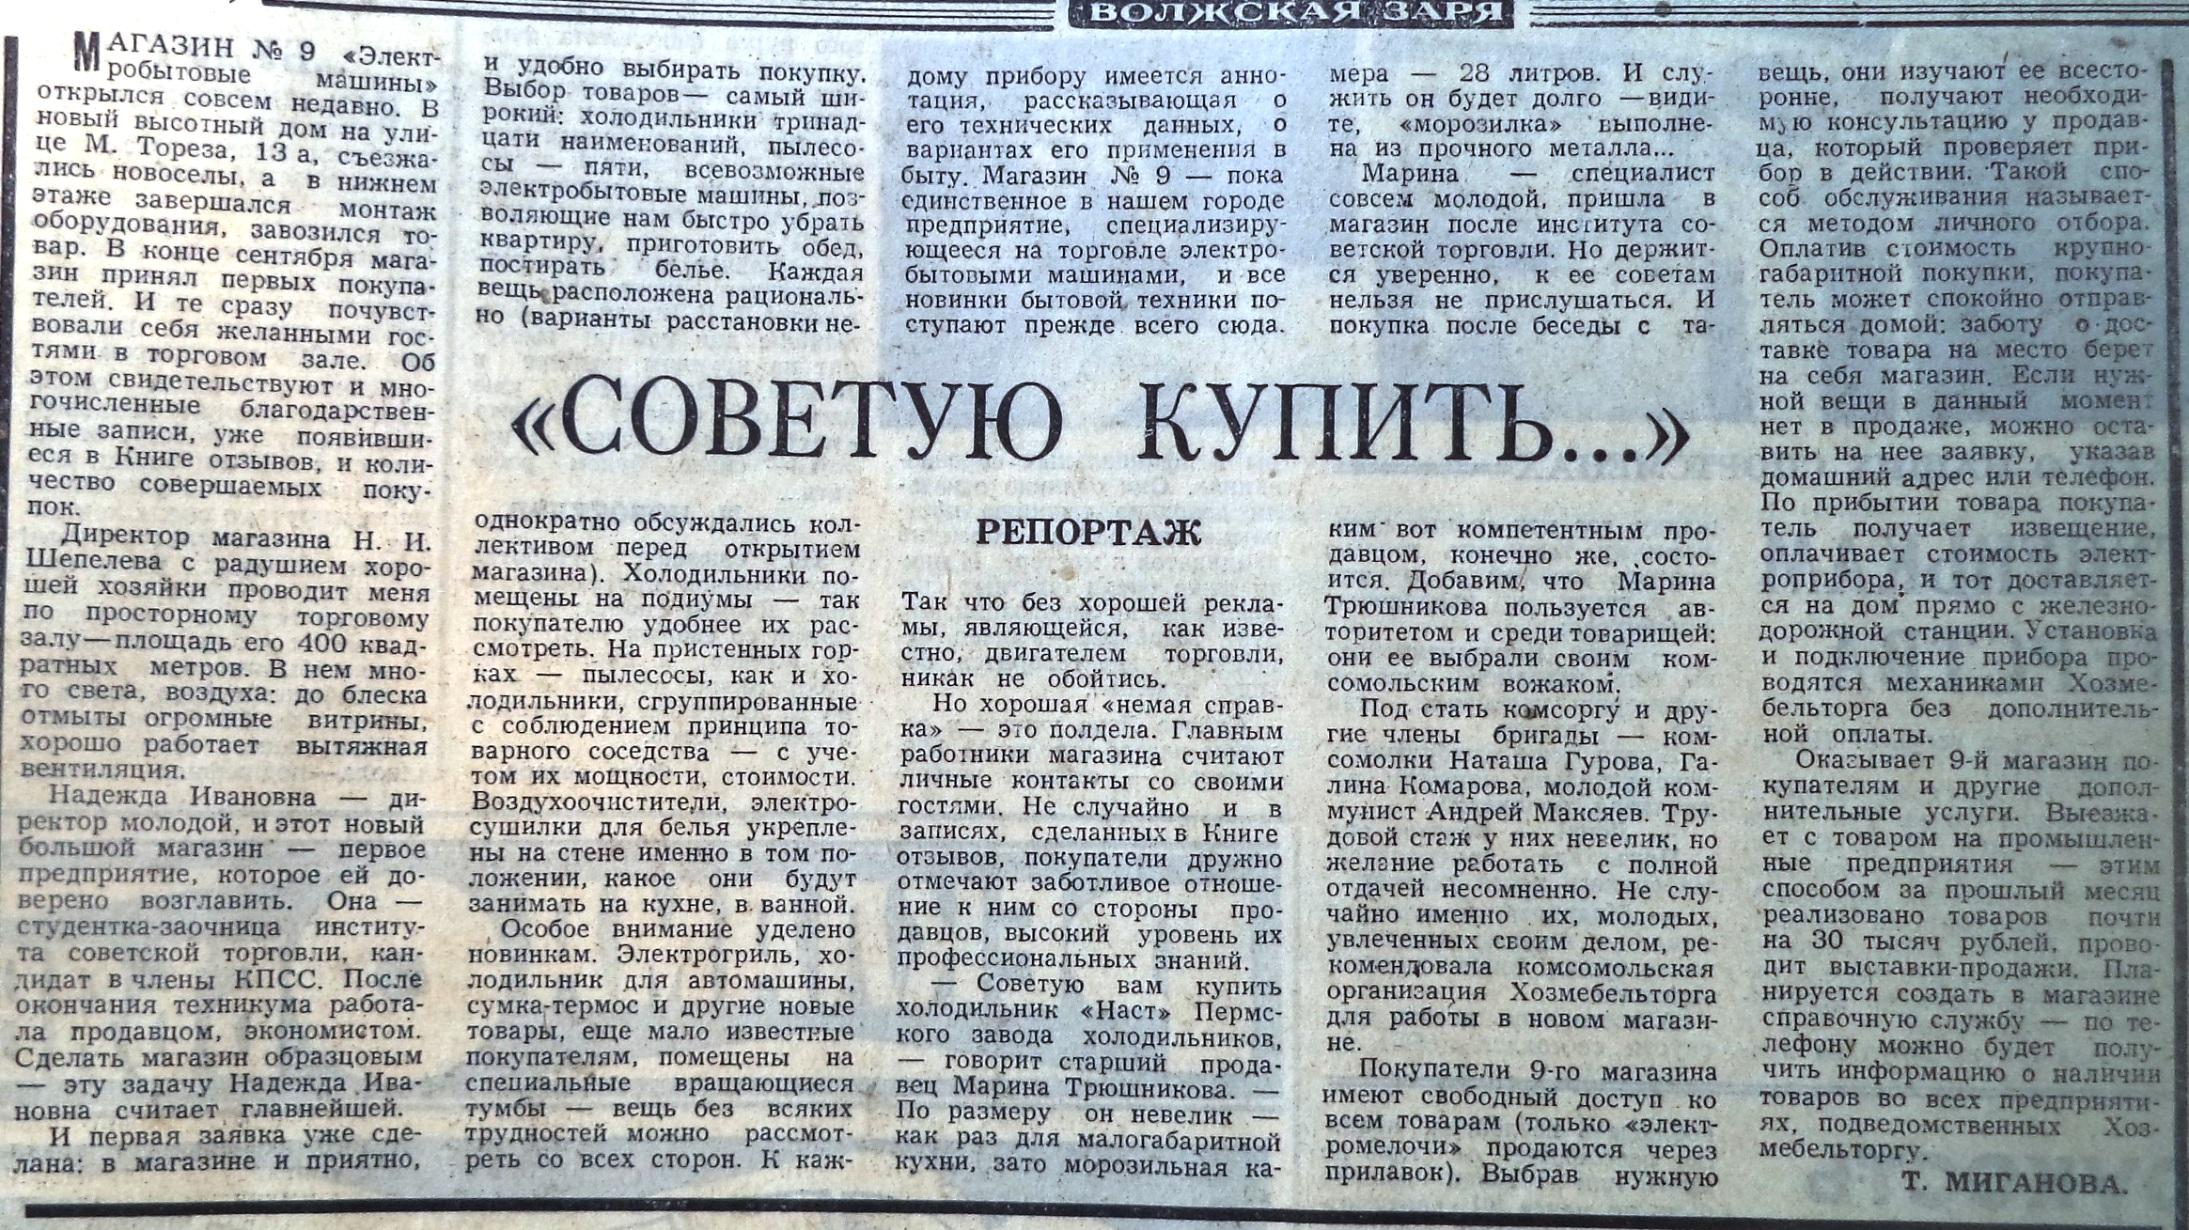 Мориса Тореза-ФОТО-81-ВЗя-1982-12-06-новый электромаг. на МТ-13 А